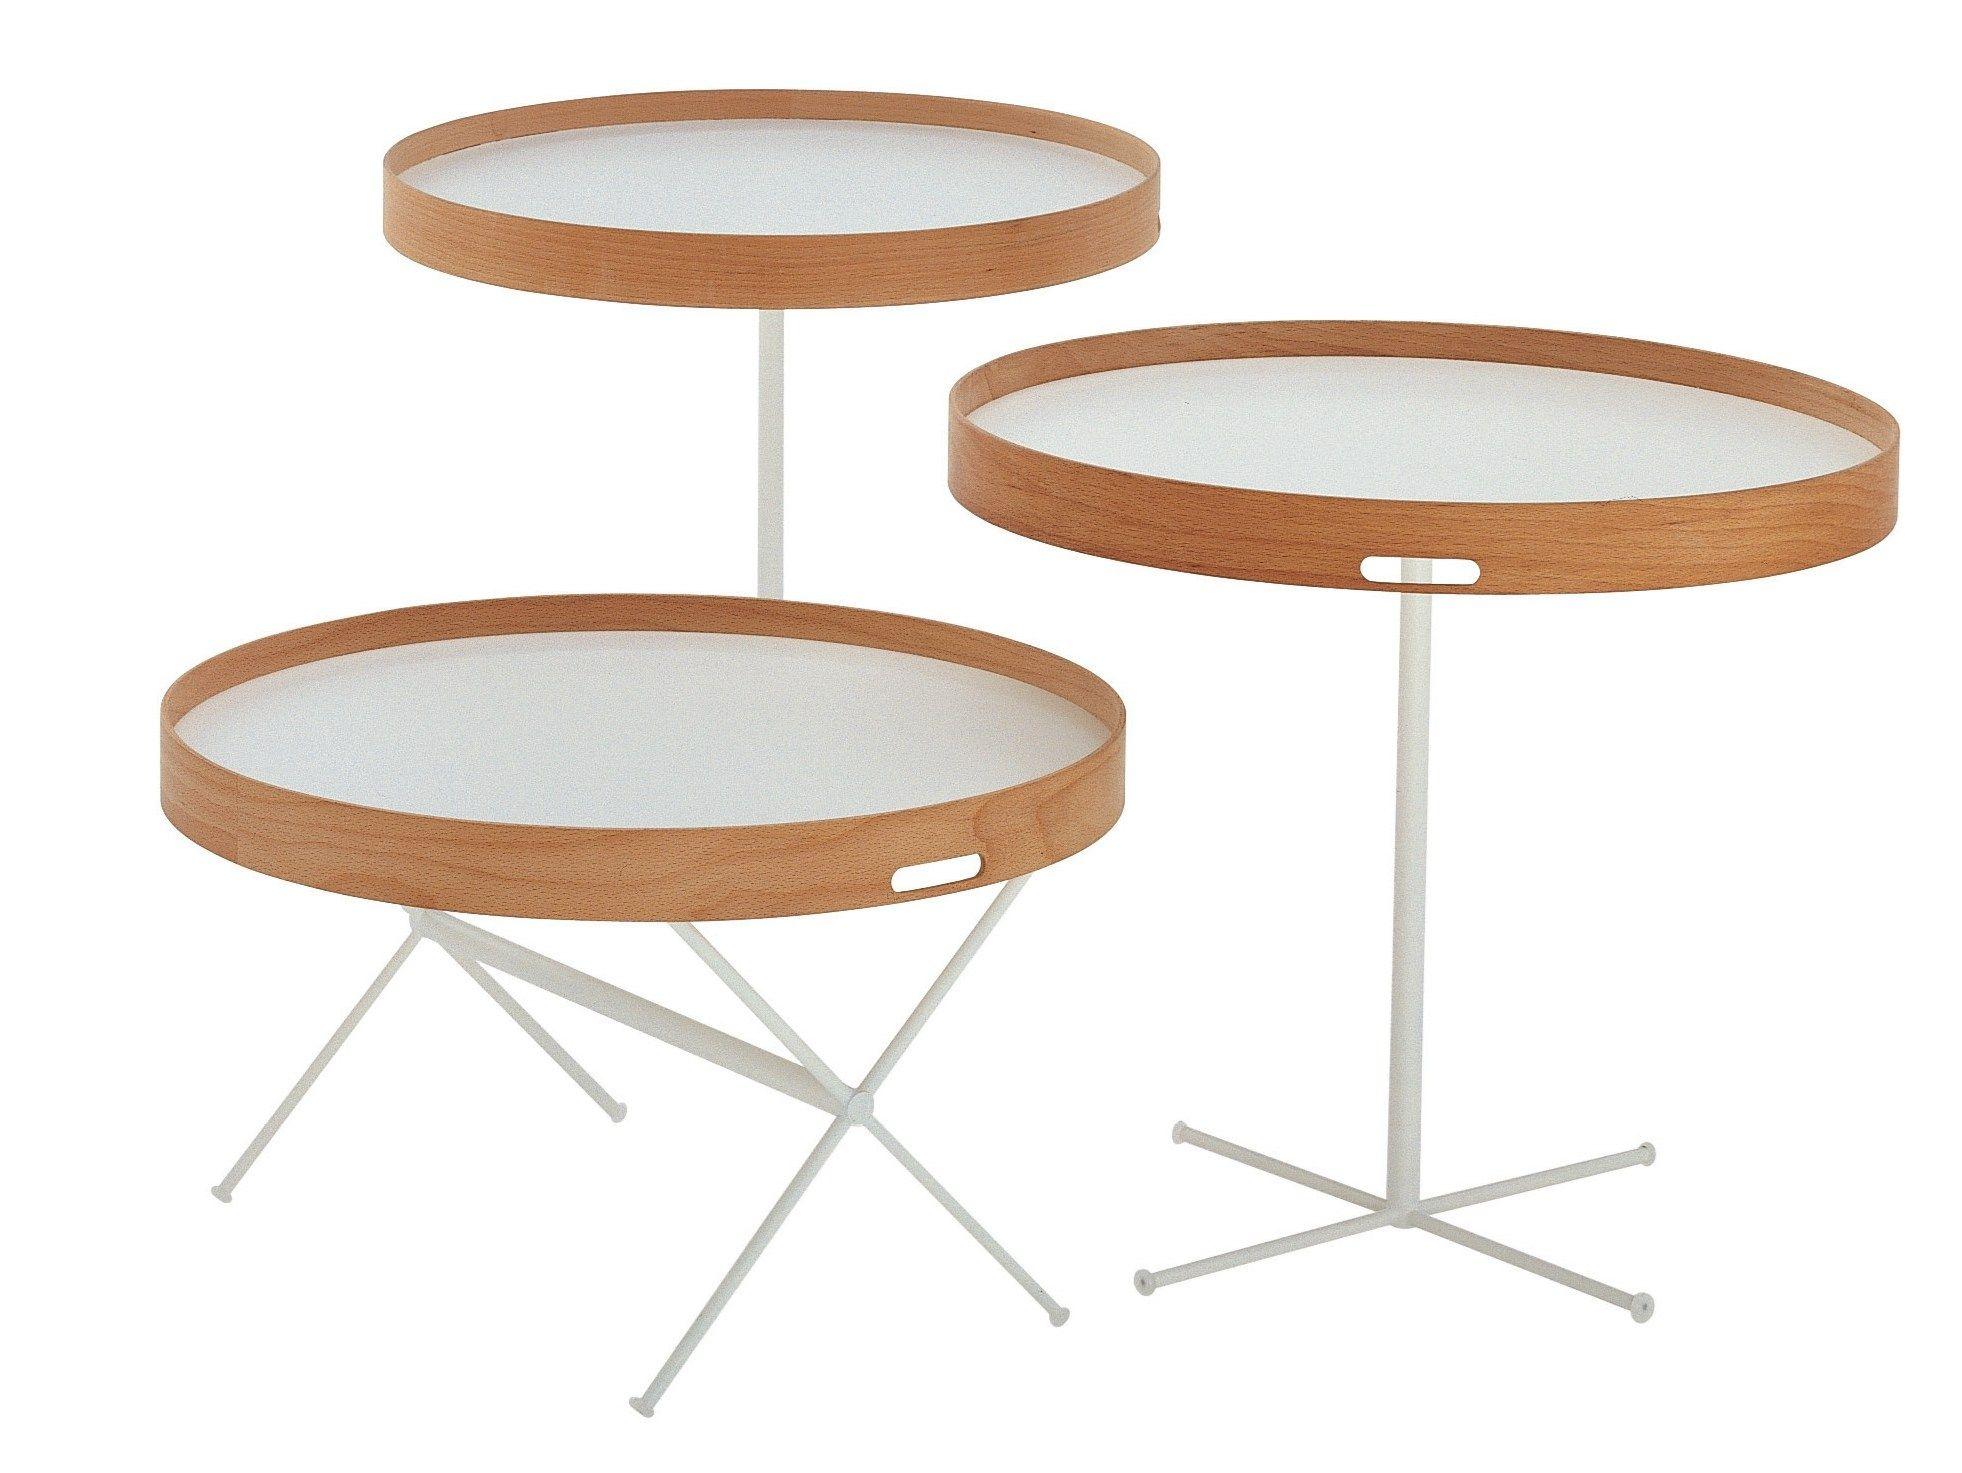 Tavolino Vassoio ~ Tavolino vassoio chab table by de padova design nendo home